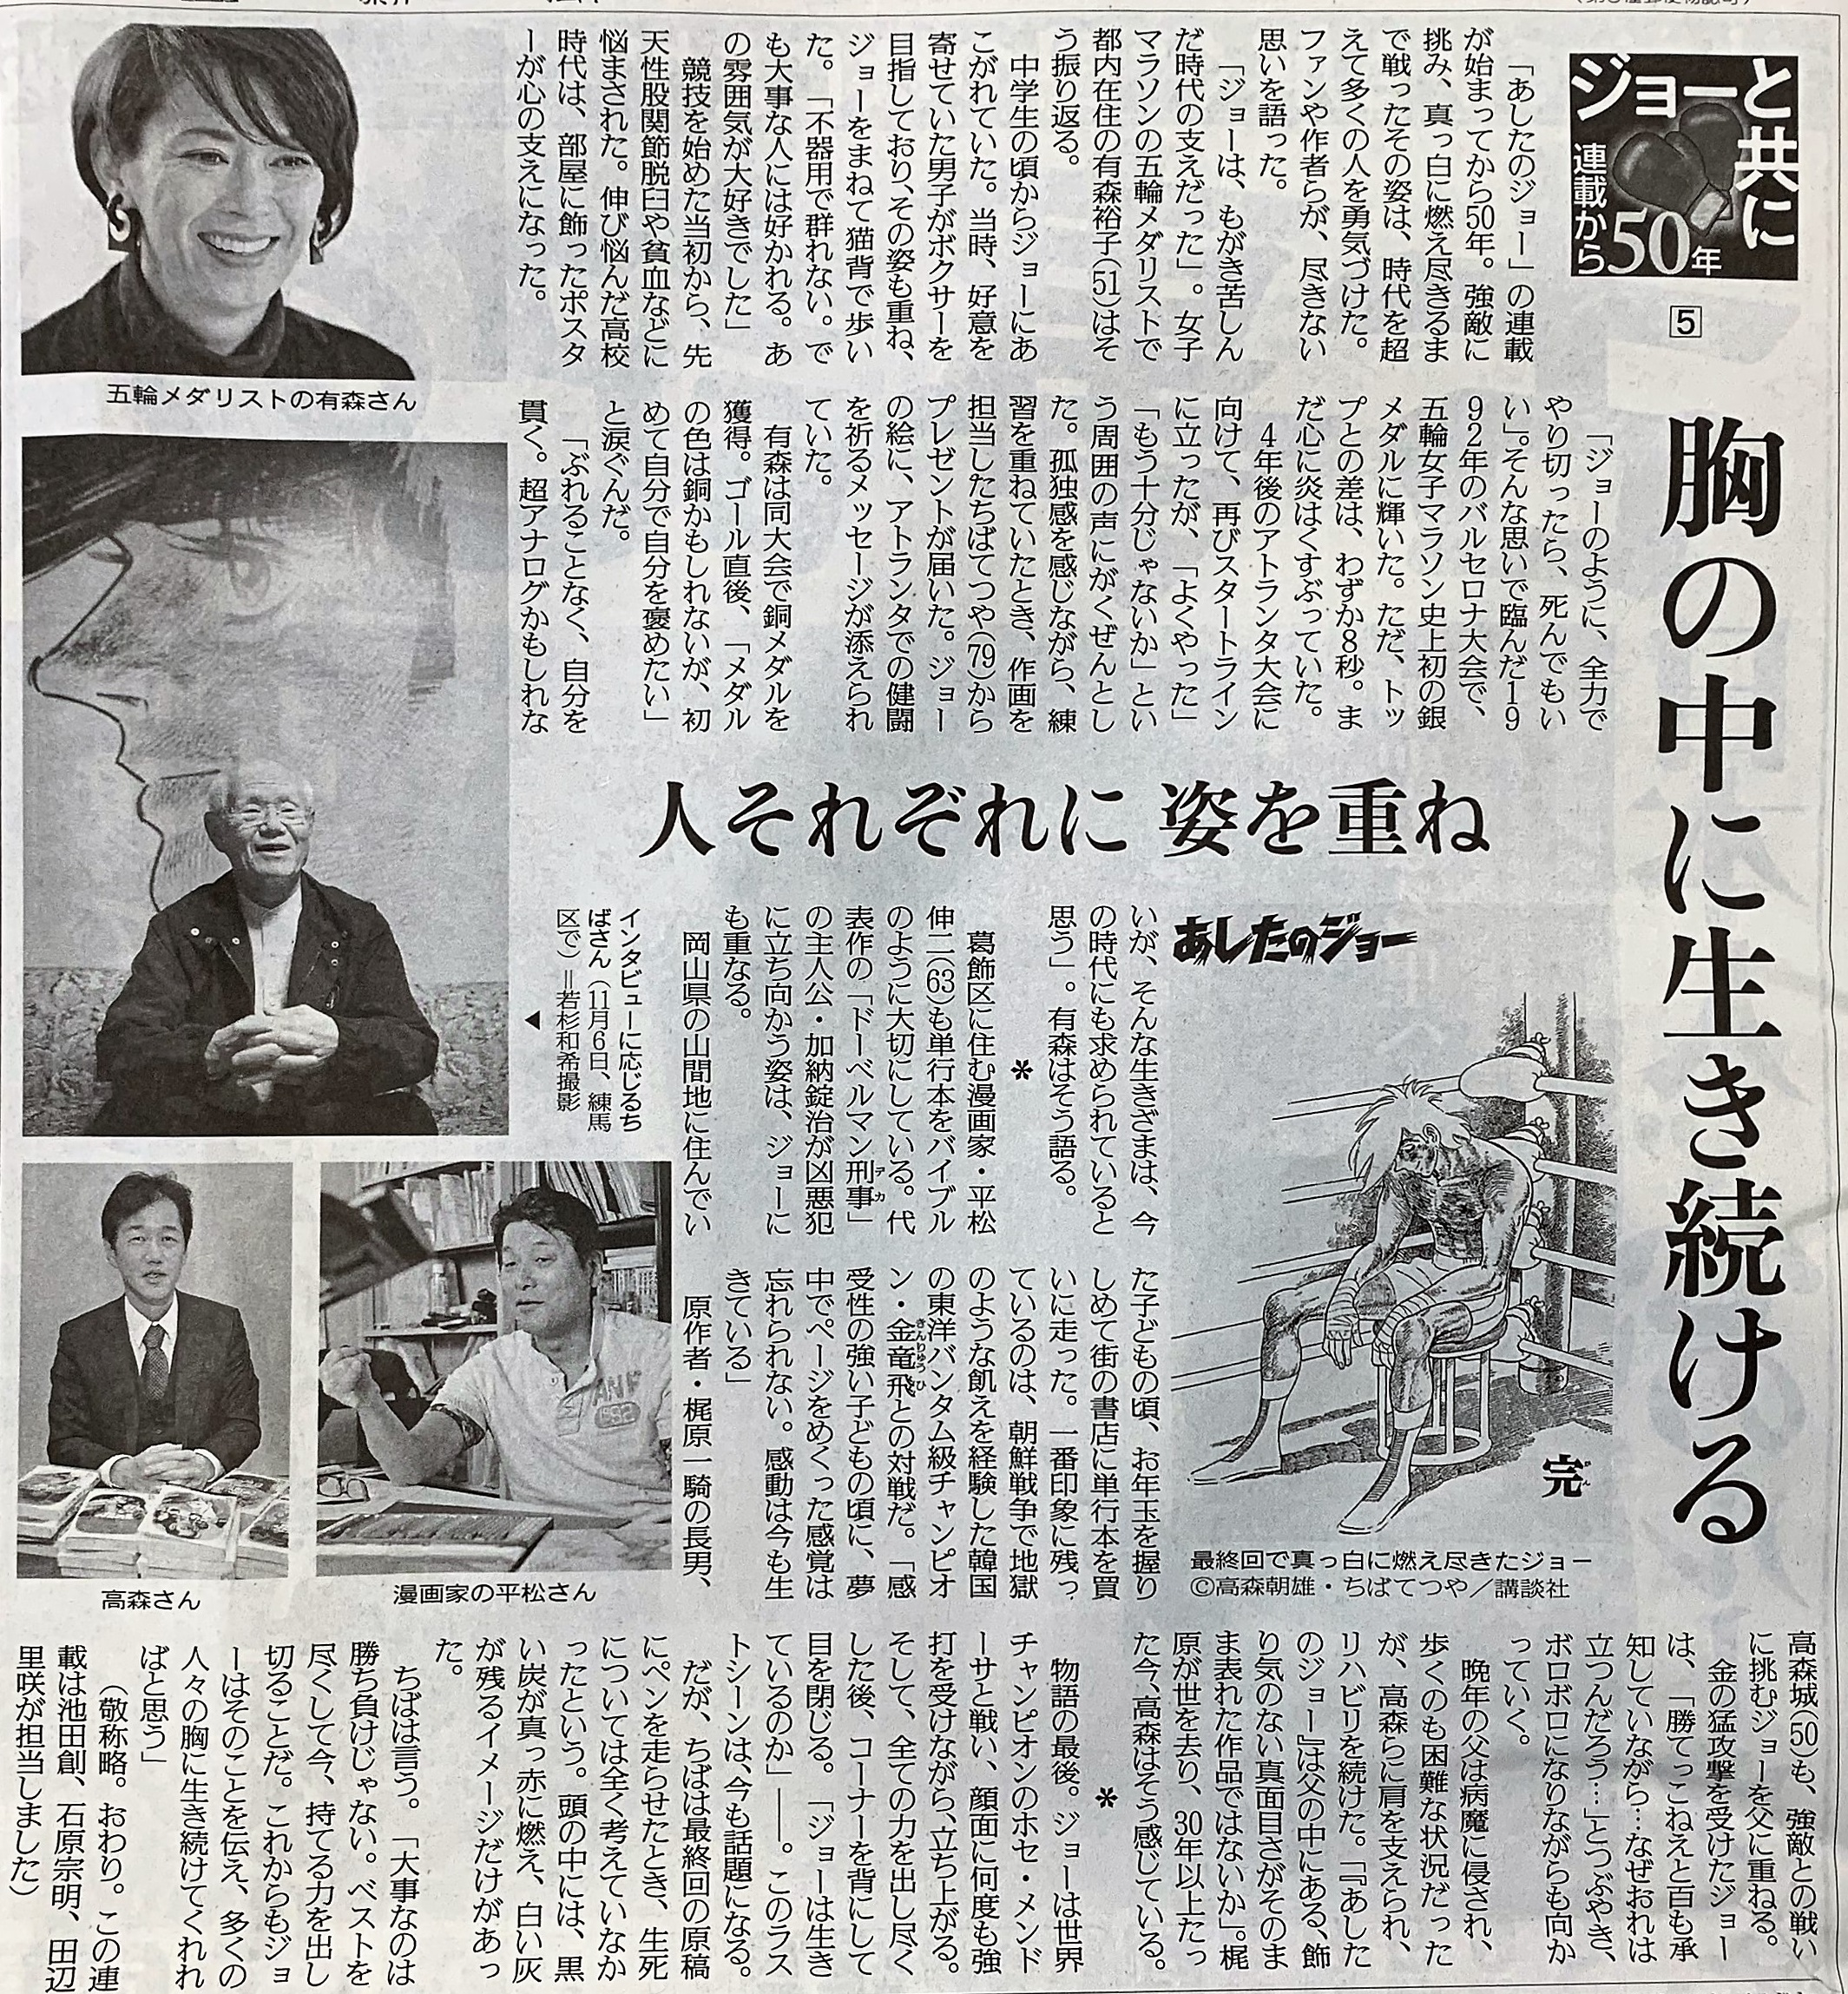 あしたのジョーから50年 泪橋 はいま News Blog 種田 昌克